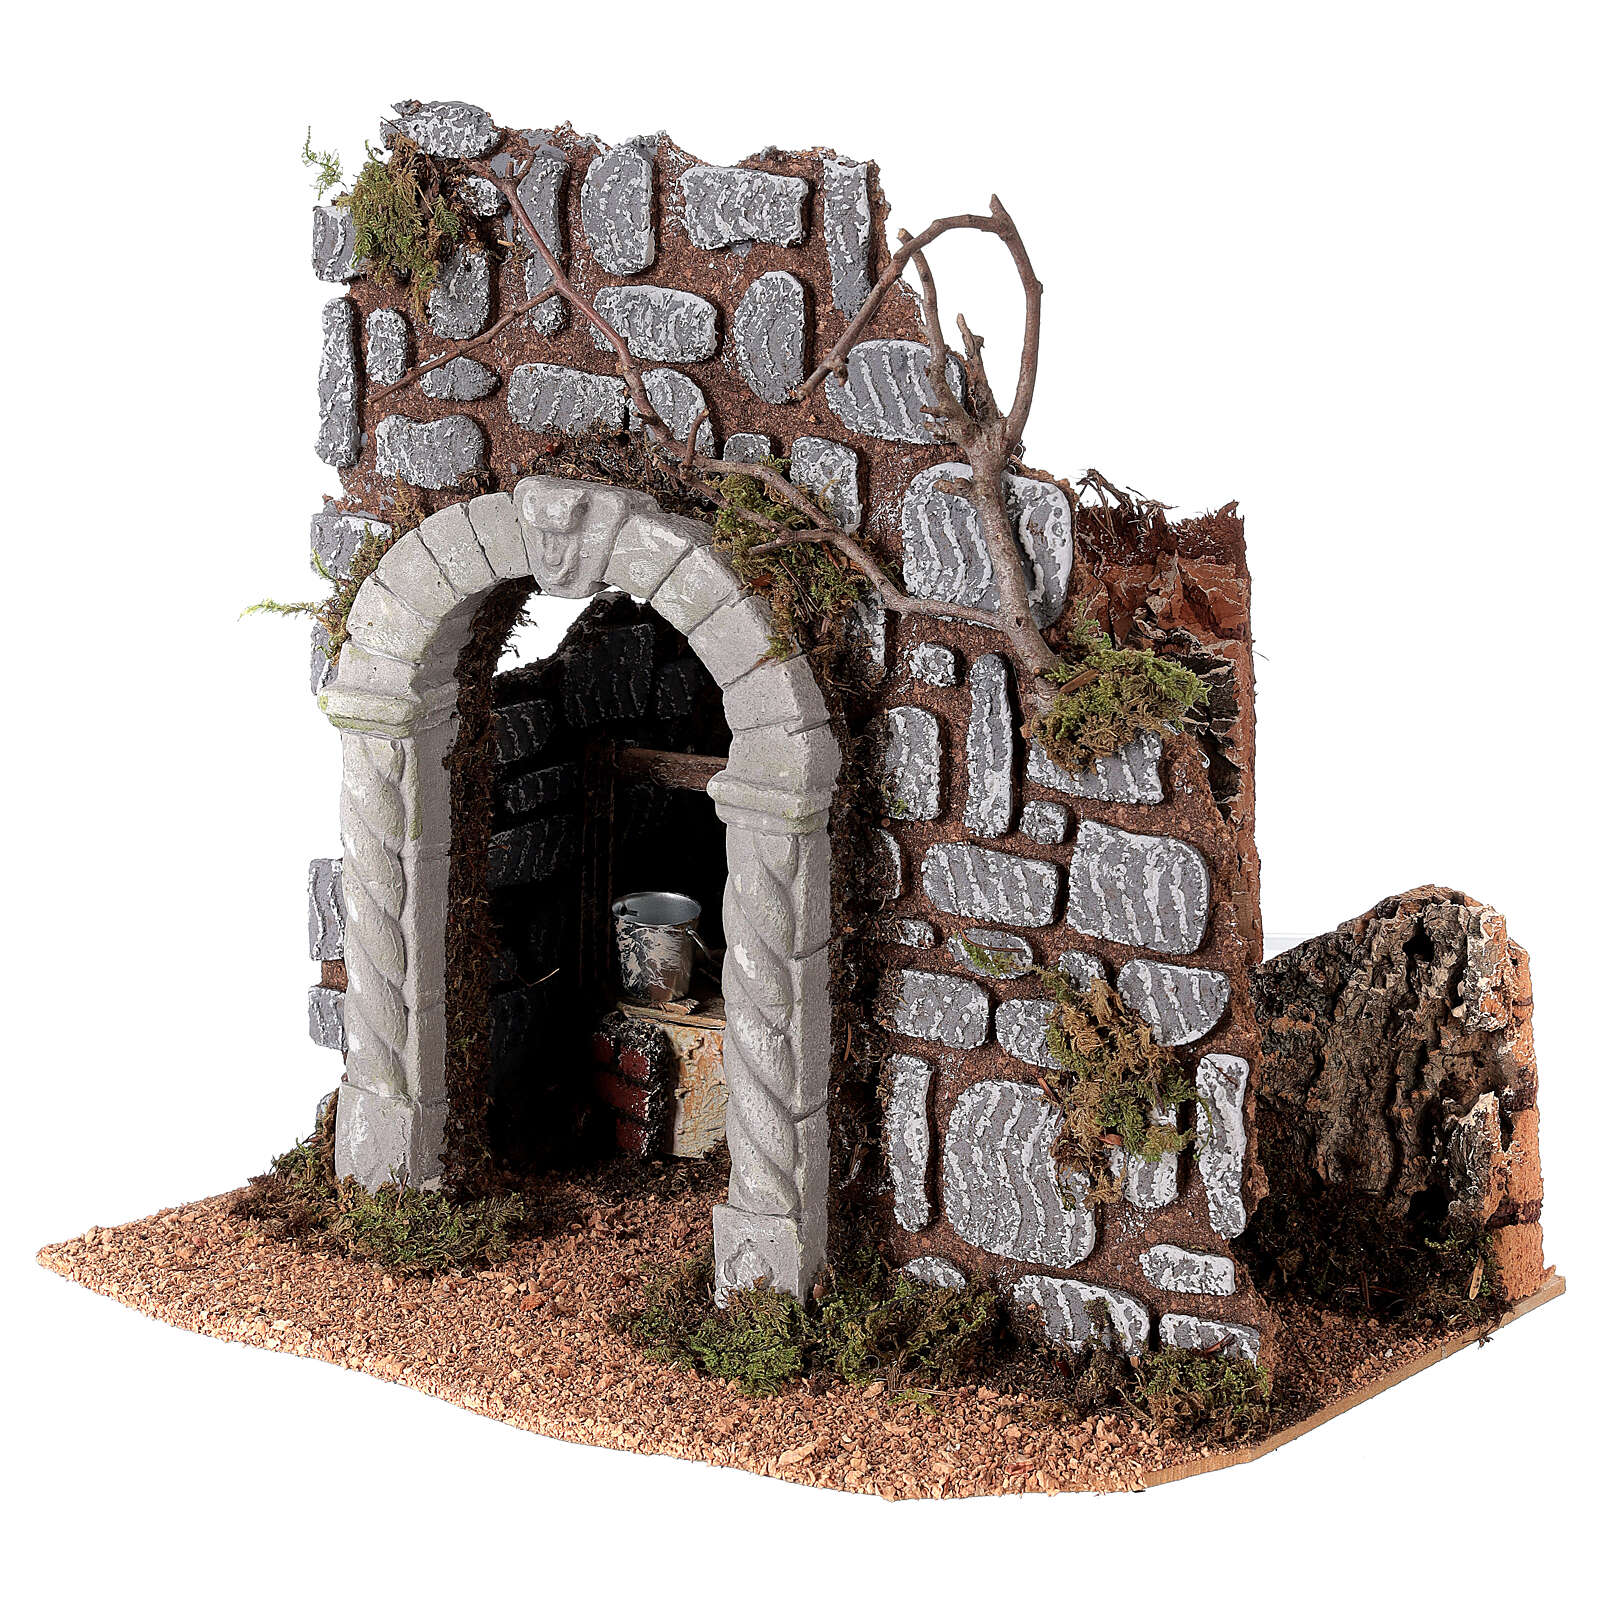 Arco con pozzo presepe 25x25x20 cm figure 8-10 cm 4